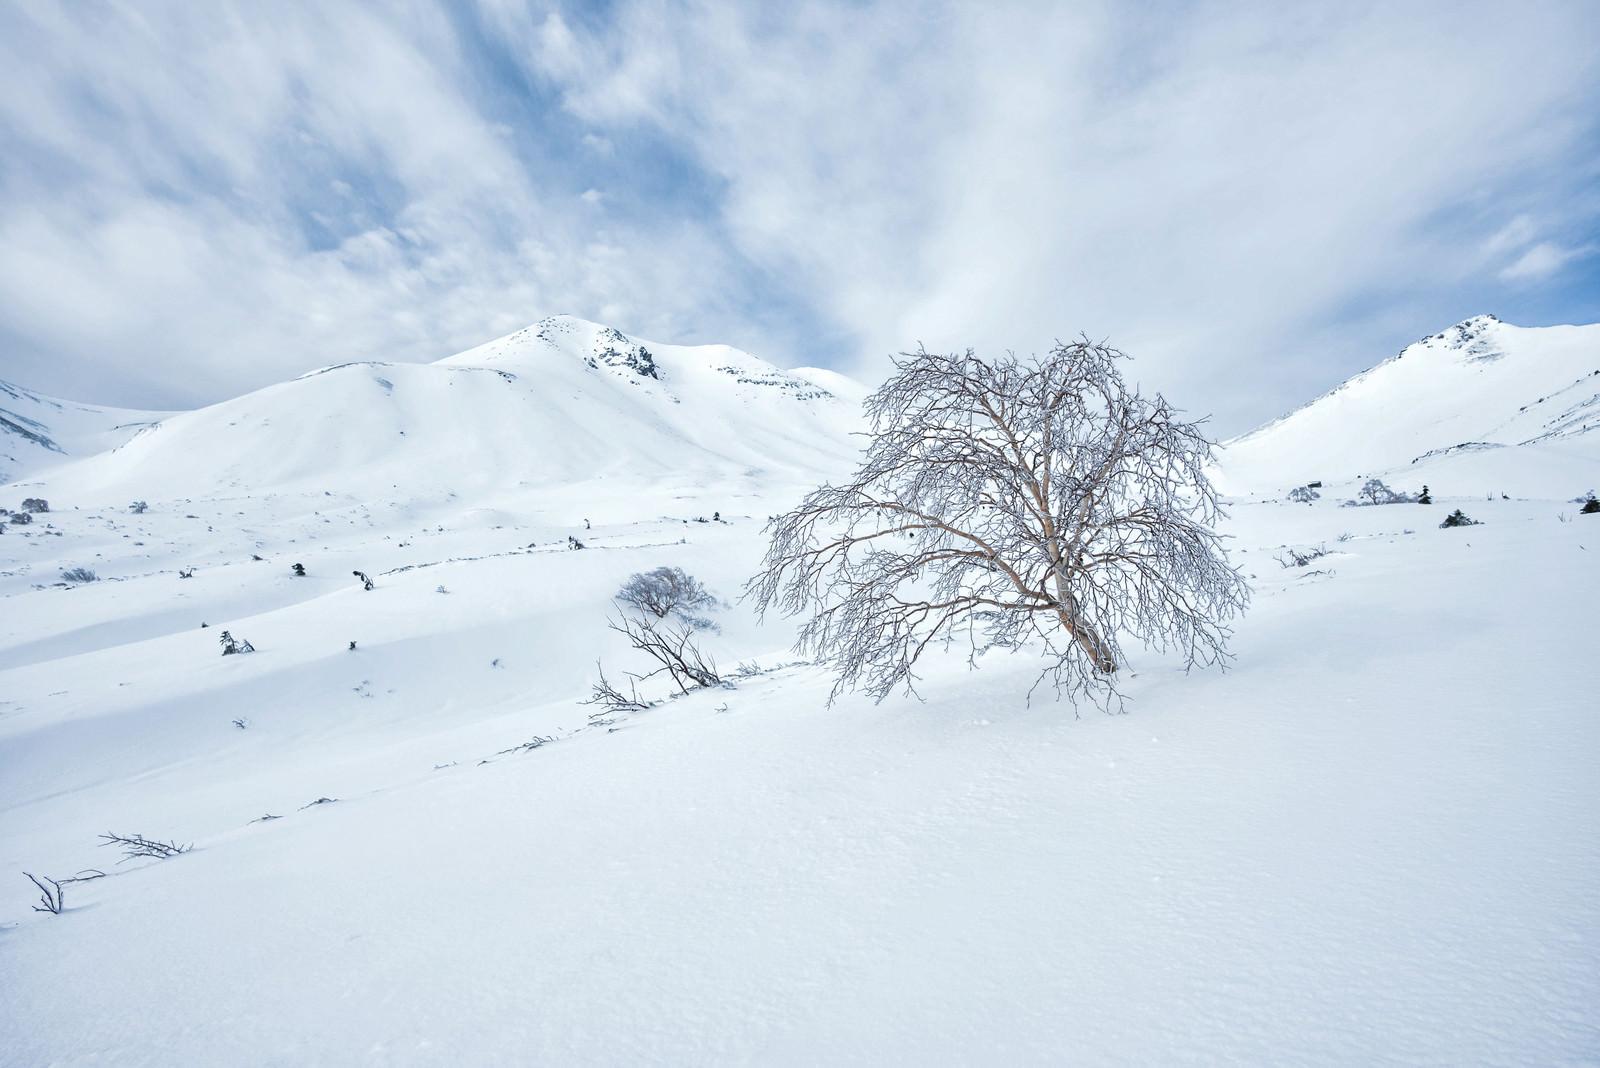 「厳冬の乗鞍高原に佇む樹木」の写真